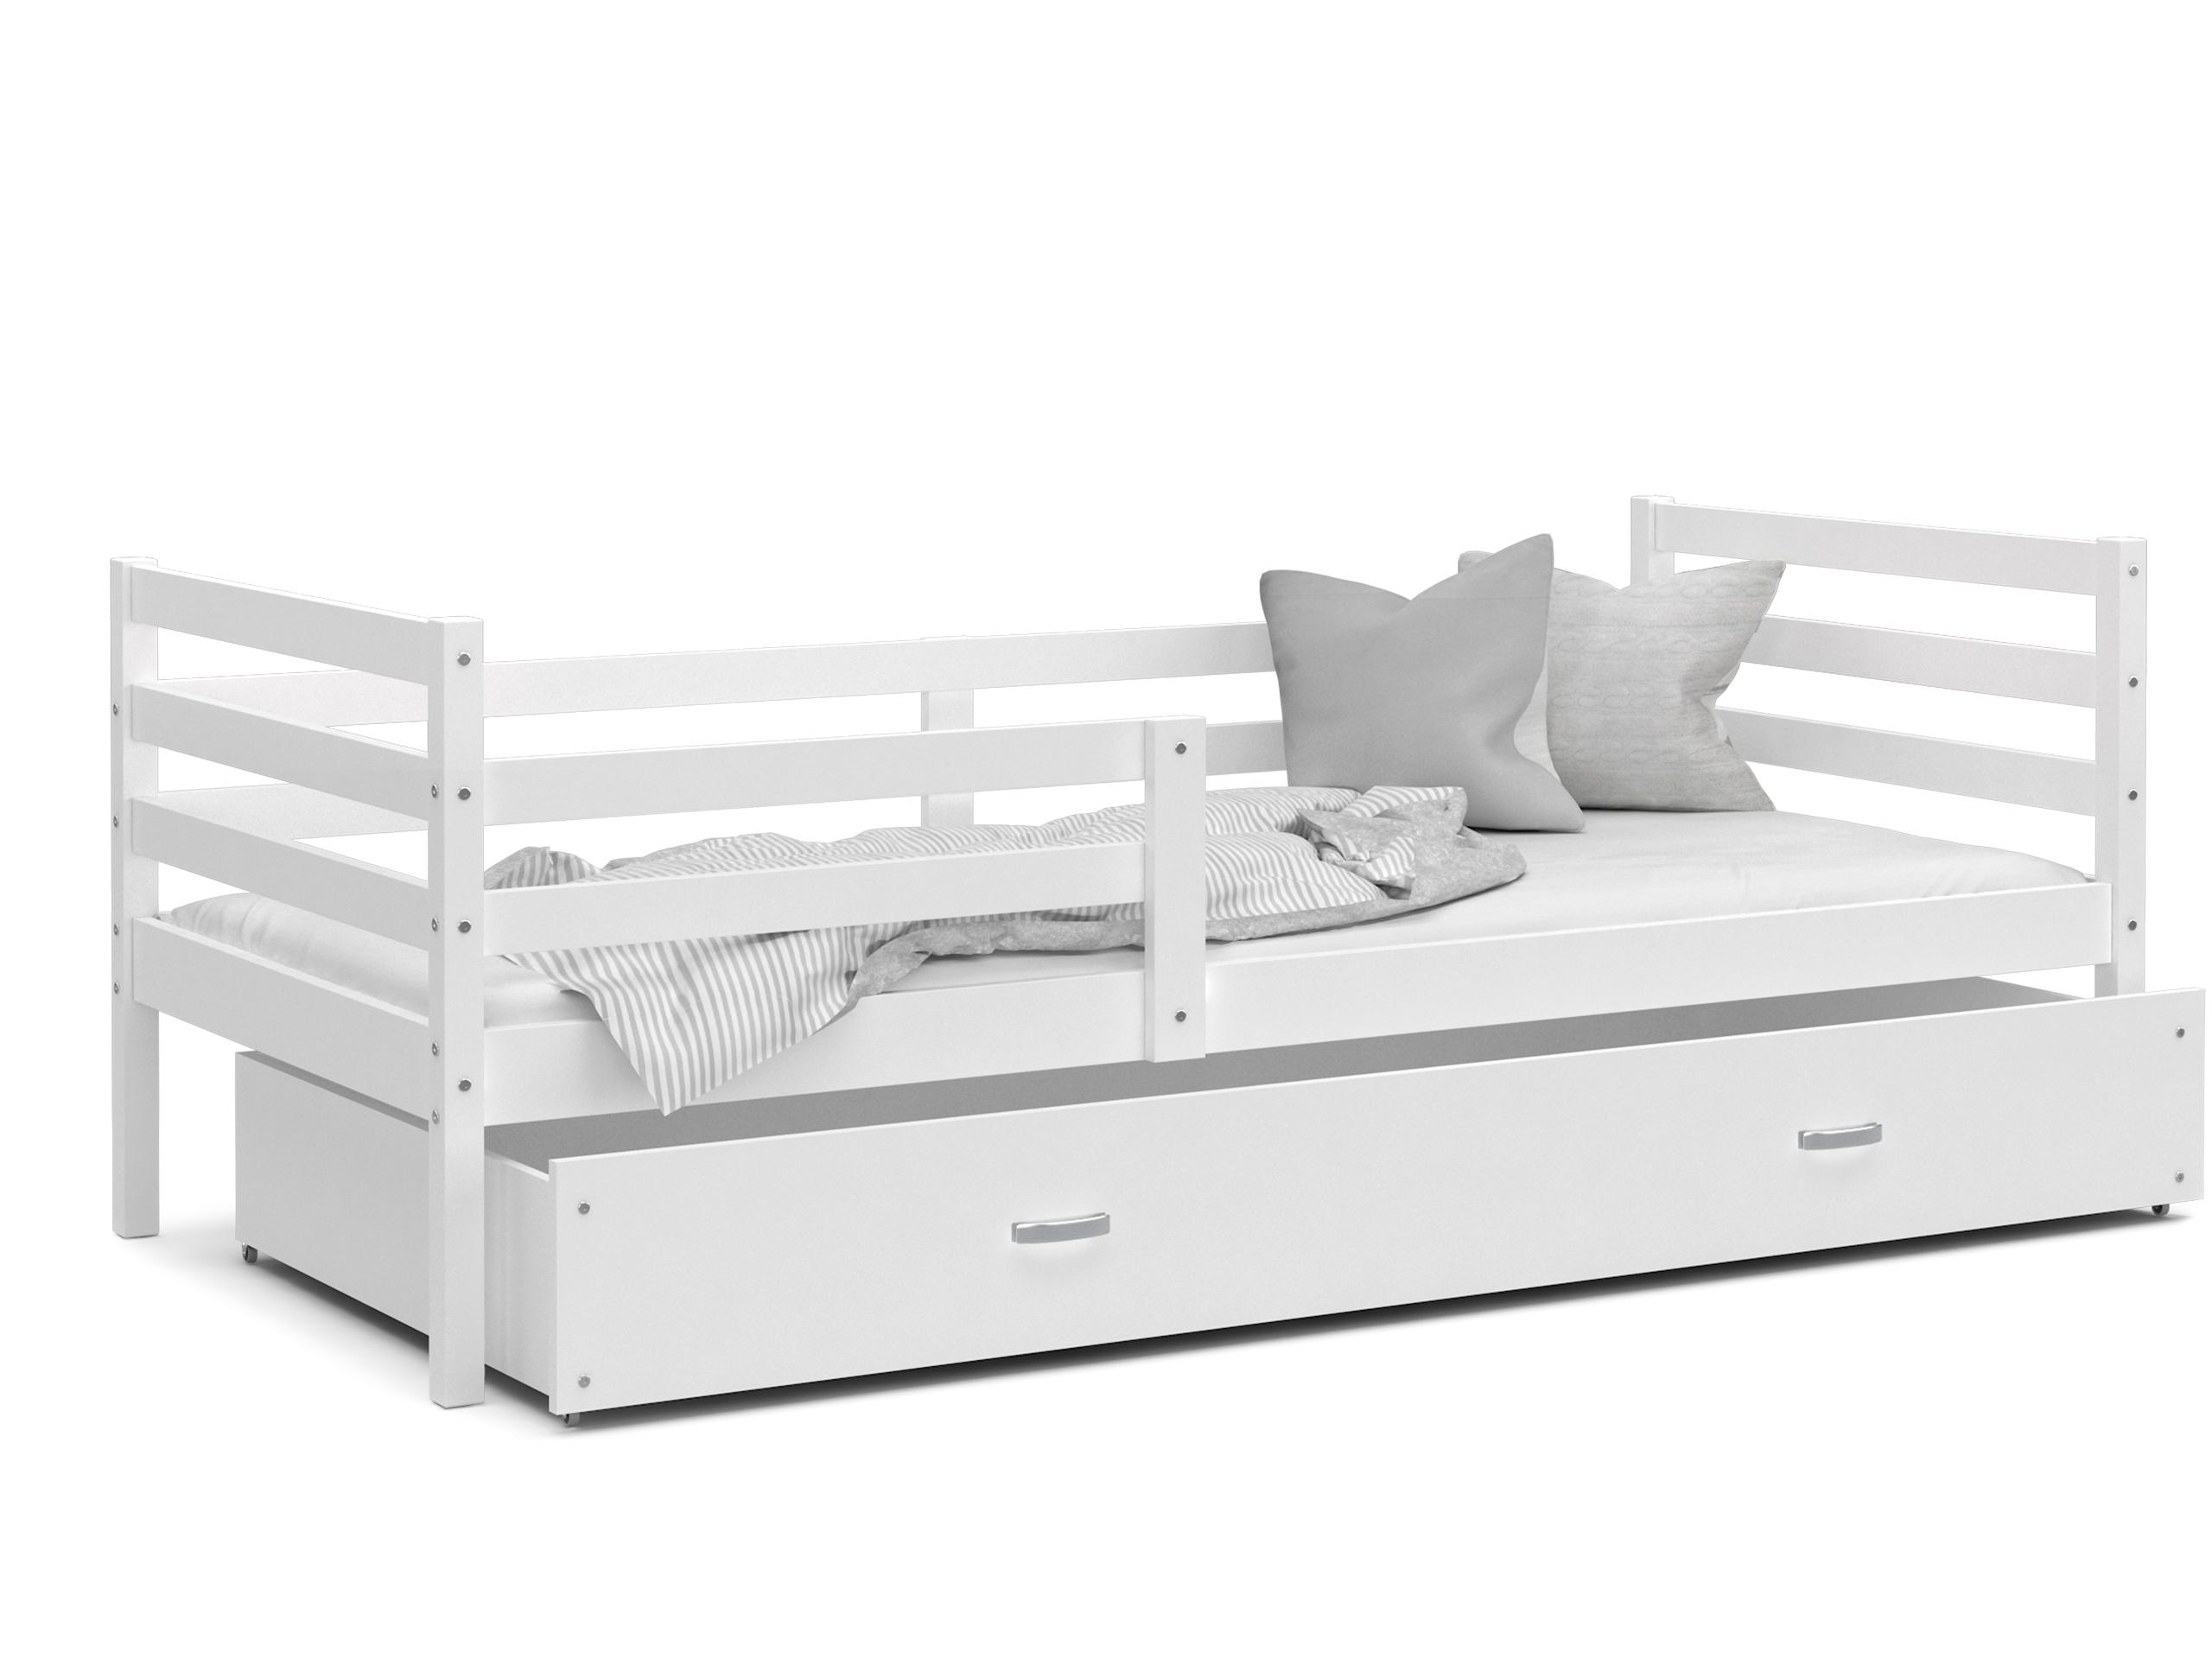 ArtAJ Detská posteľ JACEK P   190 x 80 cm Farba: Biela / biela, Prevedenie: bez matraca, Rozmer, materiál: MDF